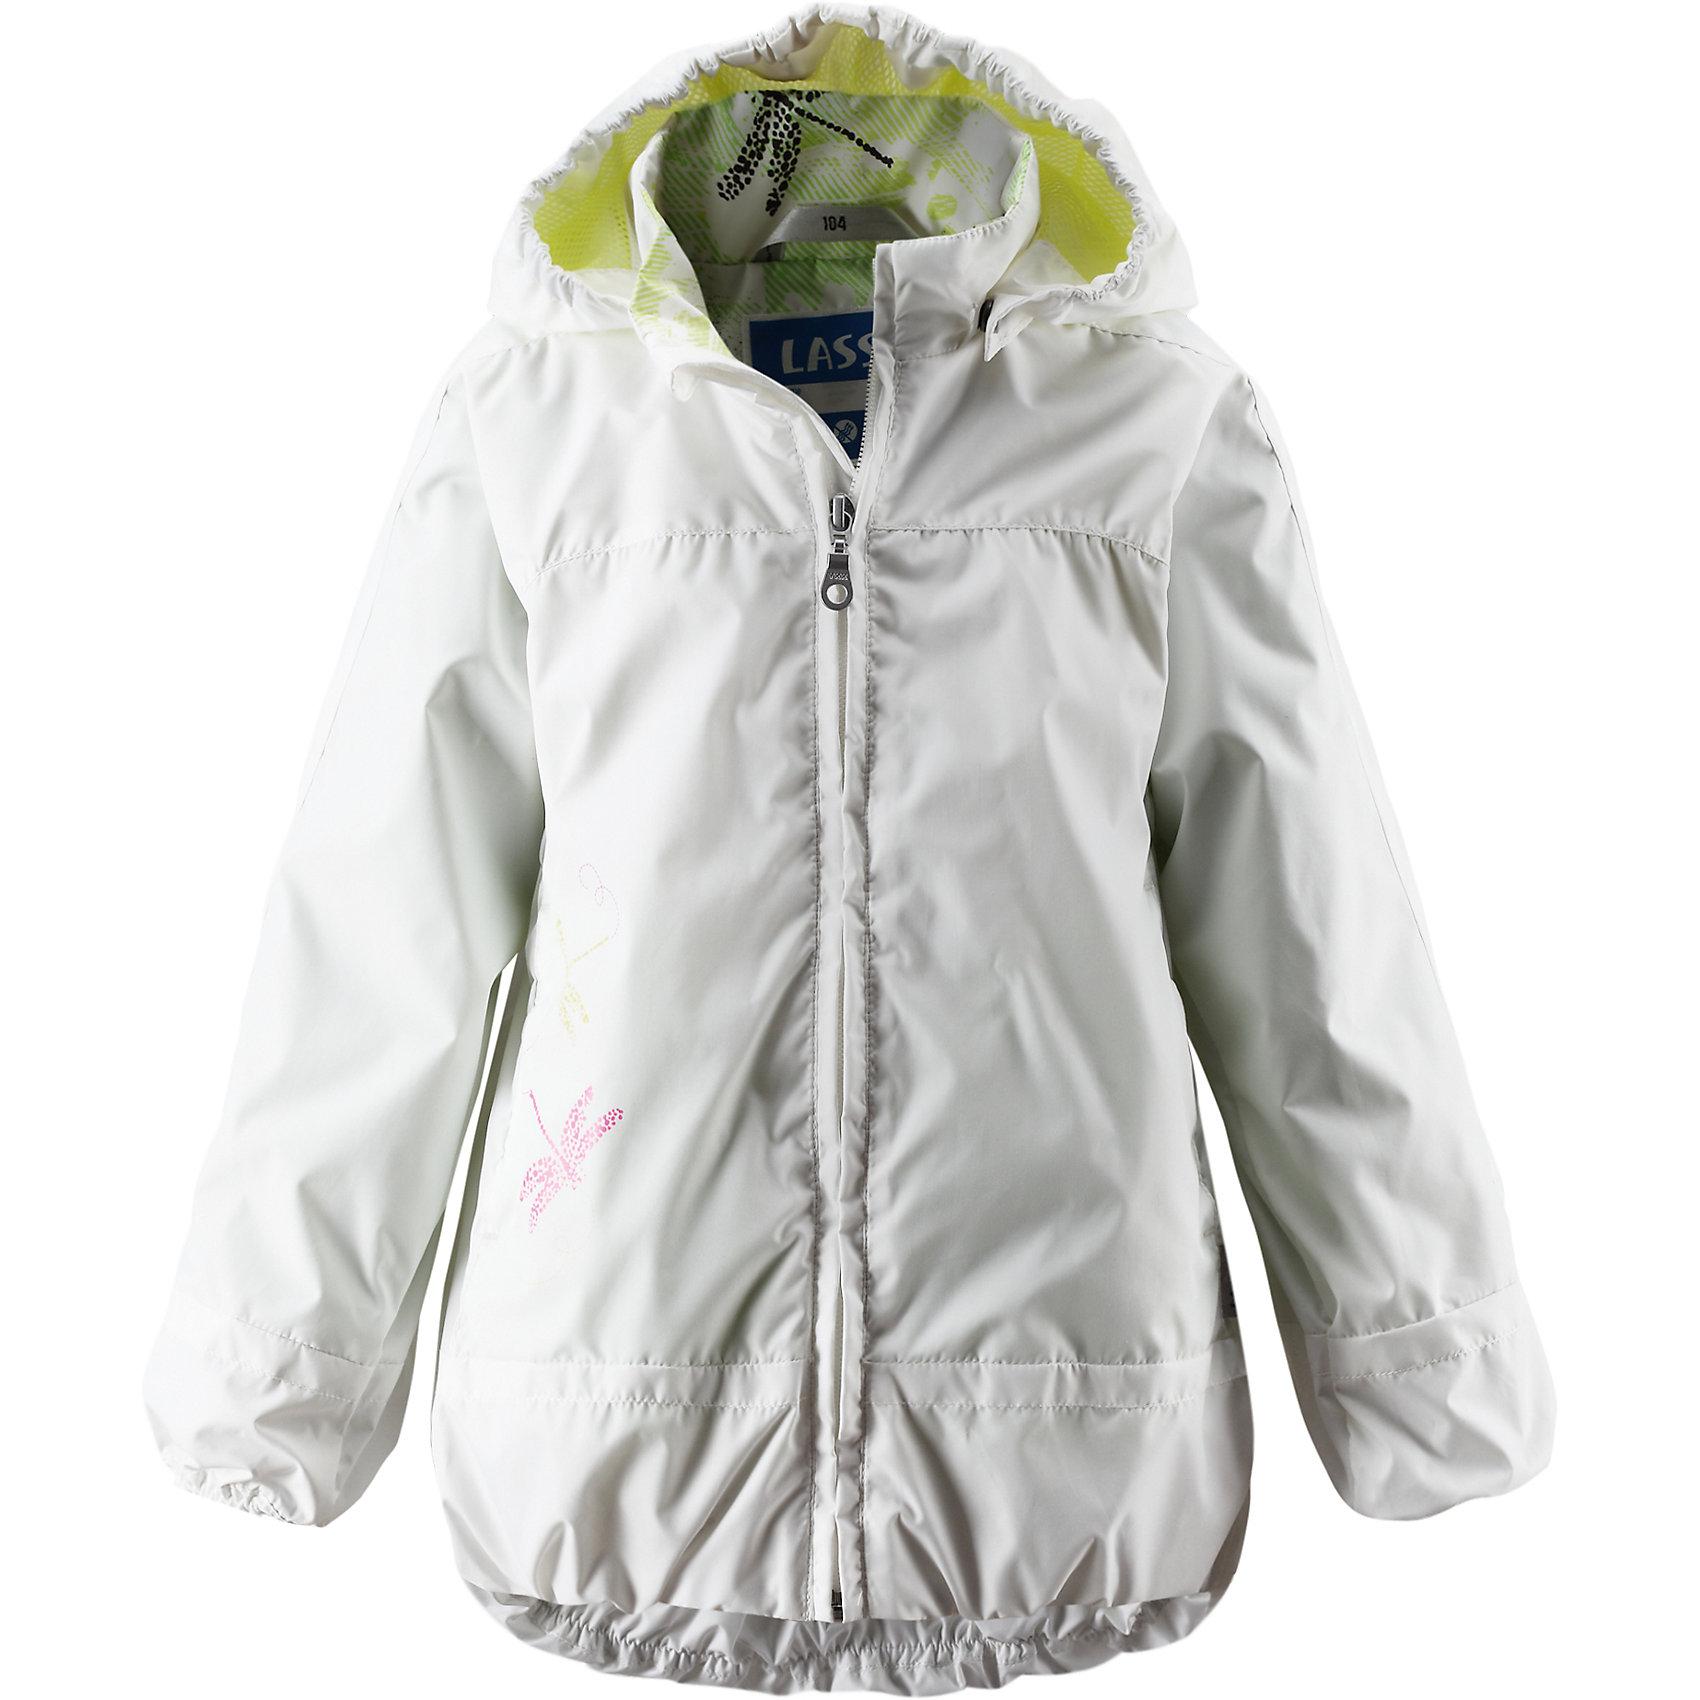 Куртка LASSIEКуртка LASSIE (Ласси), белый от известного финского производителя  детской одежды Reima. Демисезонная куртка выполнена из полиэстера, который обладает высокой износоустойчивостью, воздухопроницаемыми, водооталкивающими и грязеотталкивающими свойствами. Изделие устойчиво к изменению формы и цвета даже при длительном использовании. Куртка имеет классическую форму: прямой силуэт с чуть присборенным эластичным кантом низом, кант повторяется на рукавах и капюшоне, воротник-стойка, застежка-молния с защитой у подбородка и 2 боковых прорезных кармана на липучках. Куртка имеет полиуретановое покрытие, что делает ее непромокаемой даже в дождливую погоду. Куртка идеально подходит для весенних и осенних прогулок.<br><br>Дополнительная информация:<br><br>- Предназначение: повседневная одежда для прогулок и активного отдыха<br>- Цвет: белый<br>- Пол: для девочки<br>- Состав: 100% полиэстер, полиуретановое покрытие<br>- Сезон: весна-осень (демисезонная)<br>- Особенности ухода: стирать изделие, предварительно вывернув его на левую сторону, не использовать отбеливающие вещества<br><br>Подробнее:<br><br>• Для детей в возрасте: от 2 лет и до 3 лет<br>• Страна производитель: Китай<br>• Торговый бренд: Reima, Финляндия<br><br>Куртку LASSIE (Ласси), белый можно купить в нашем интернет-магазине.<br><br>Ширина мм: 356<br>Глубина мм: 10<br>Высота мм: 245<br>Вес г: 519<br>Цвет: белый<br>Возраст от месяцев: 84<br>Возраст до месяцев: 96<br>Пол: Унисекс<br>Возраст: Детский<br>Размер: 128,134,92,140,98,104,116,110,122<br>SKU: 4869792